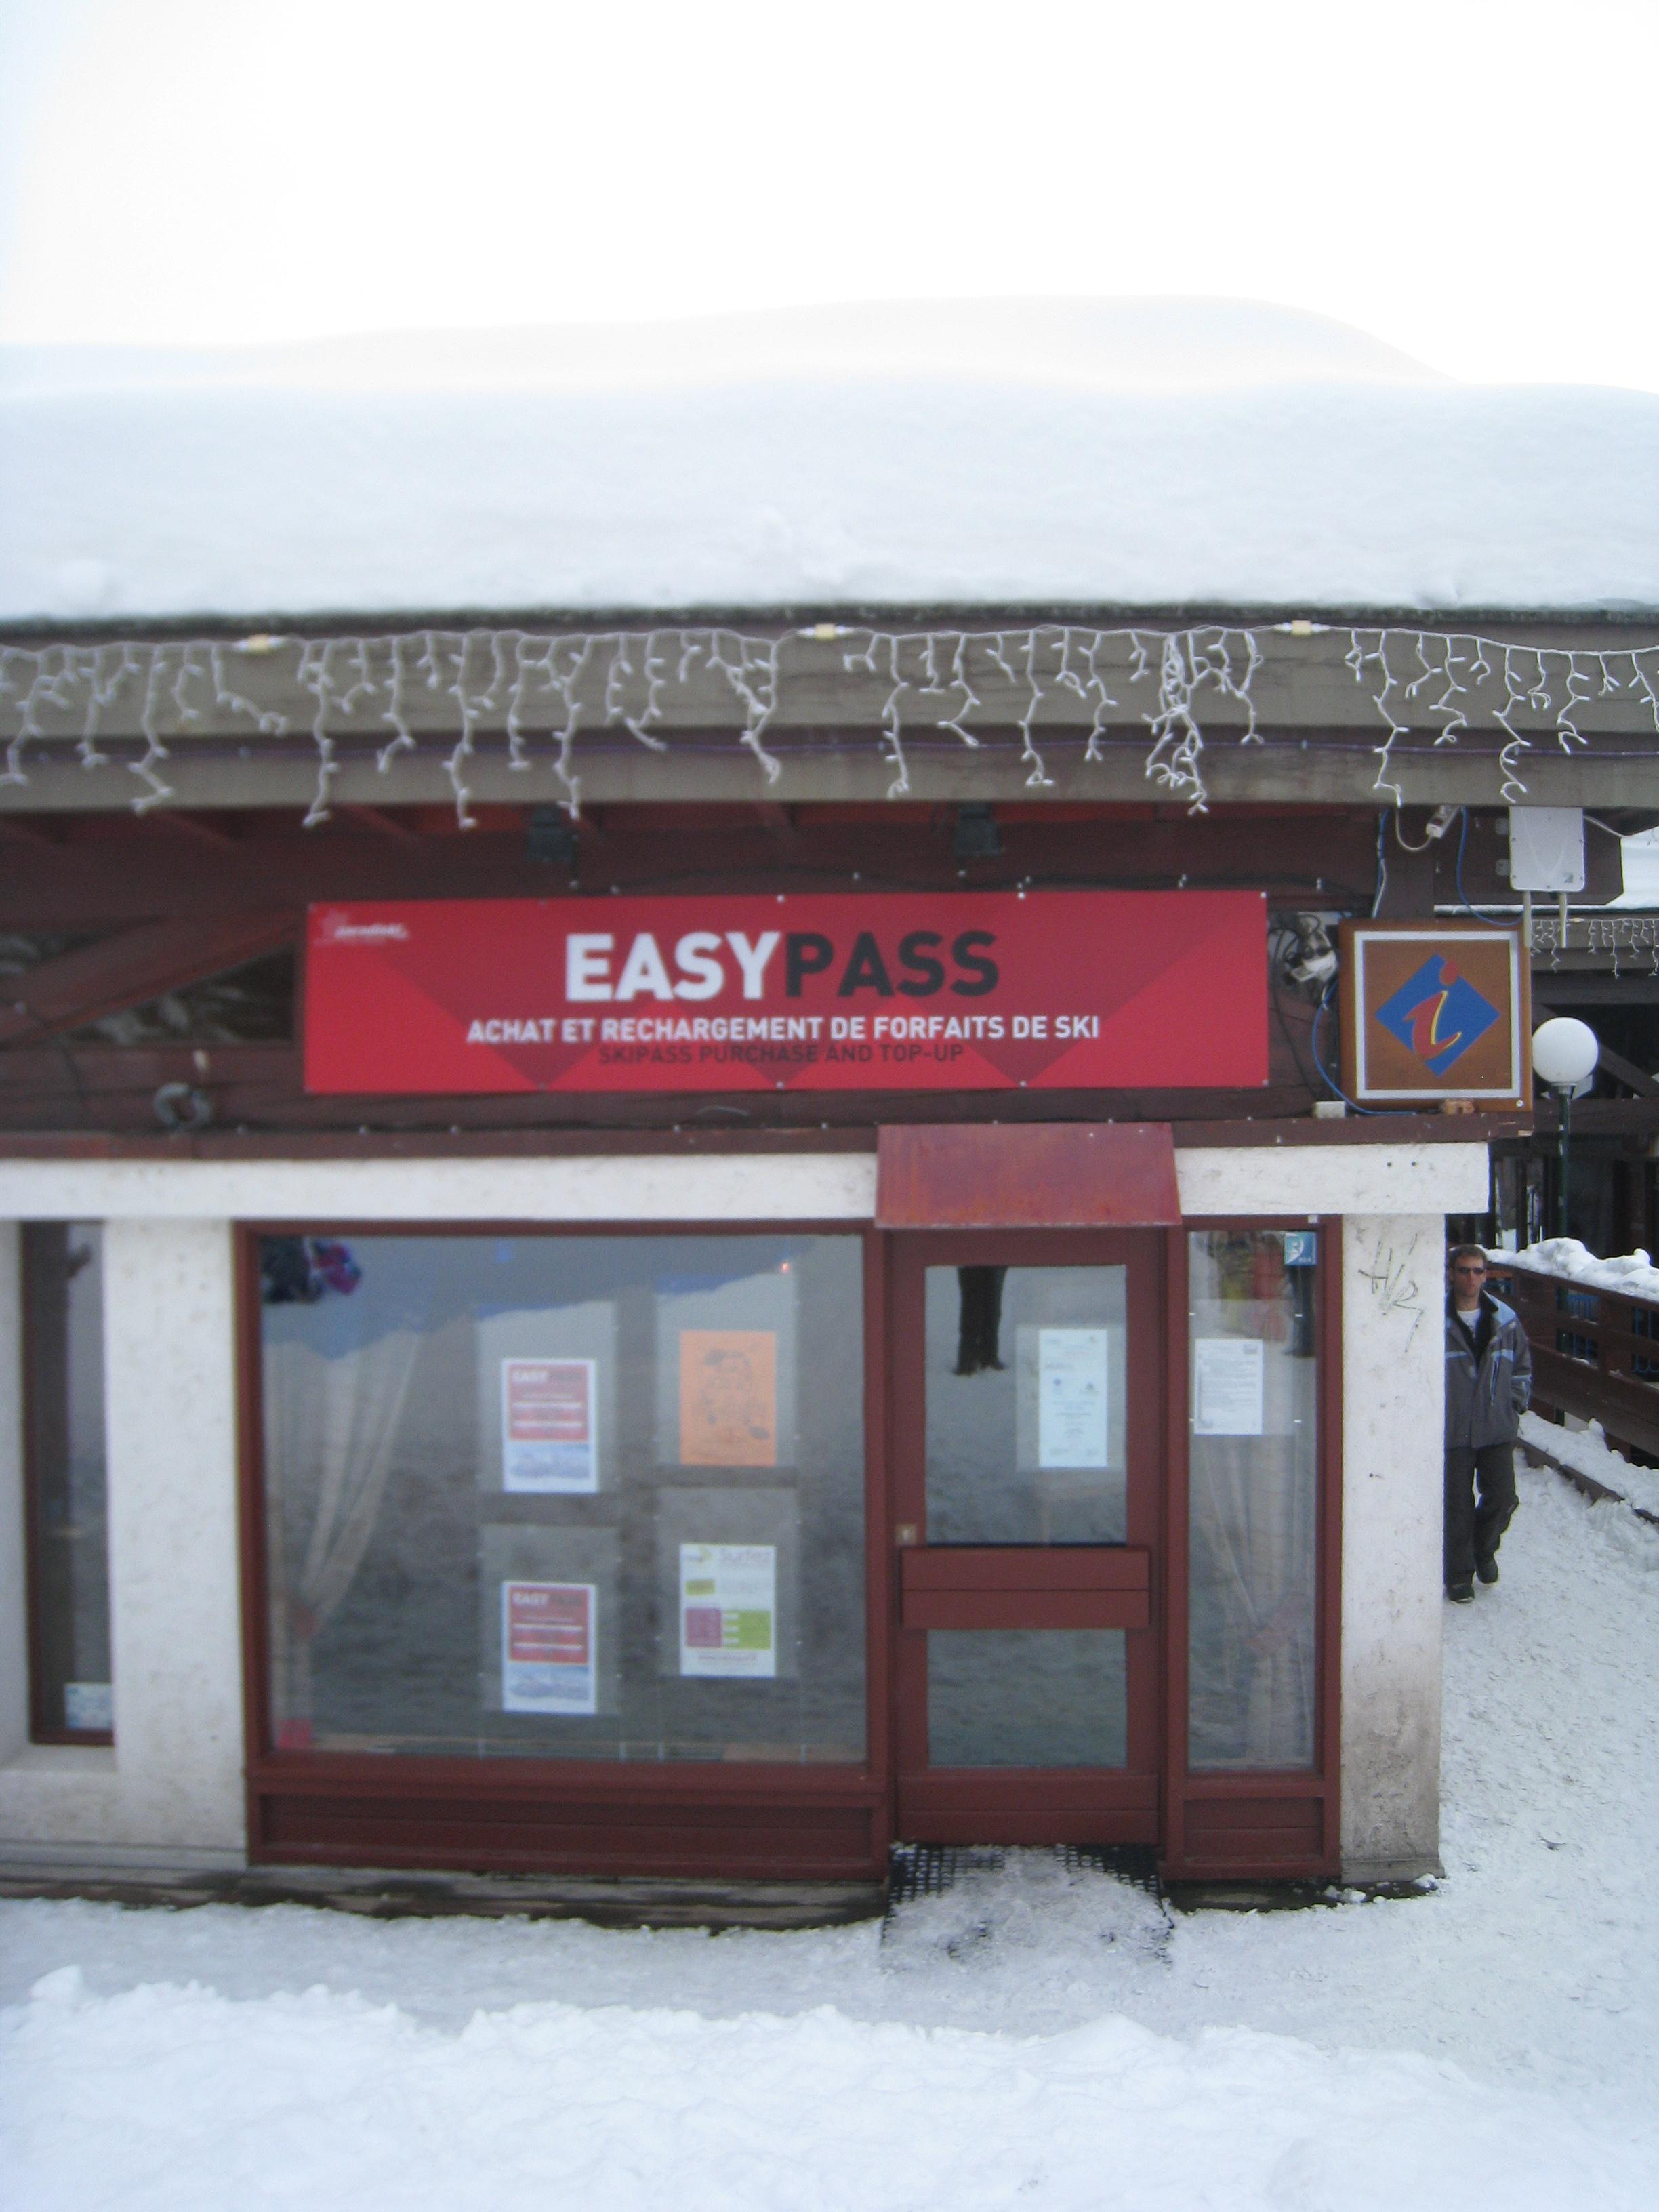 Office de tourisme d 39 arc 1800 savoie mont blanc savoie - Bourg saint maurice office de tourisme ...